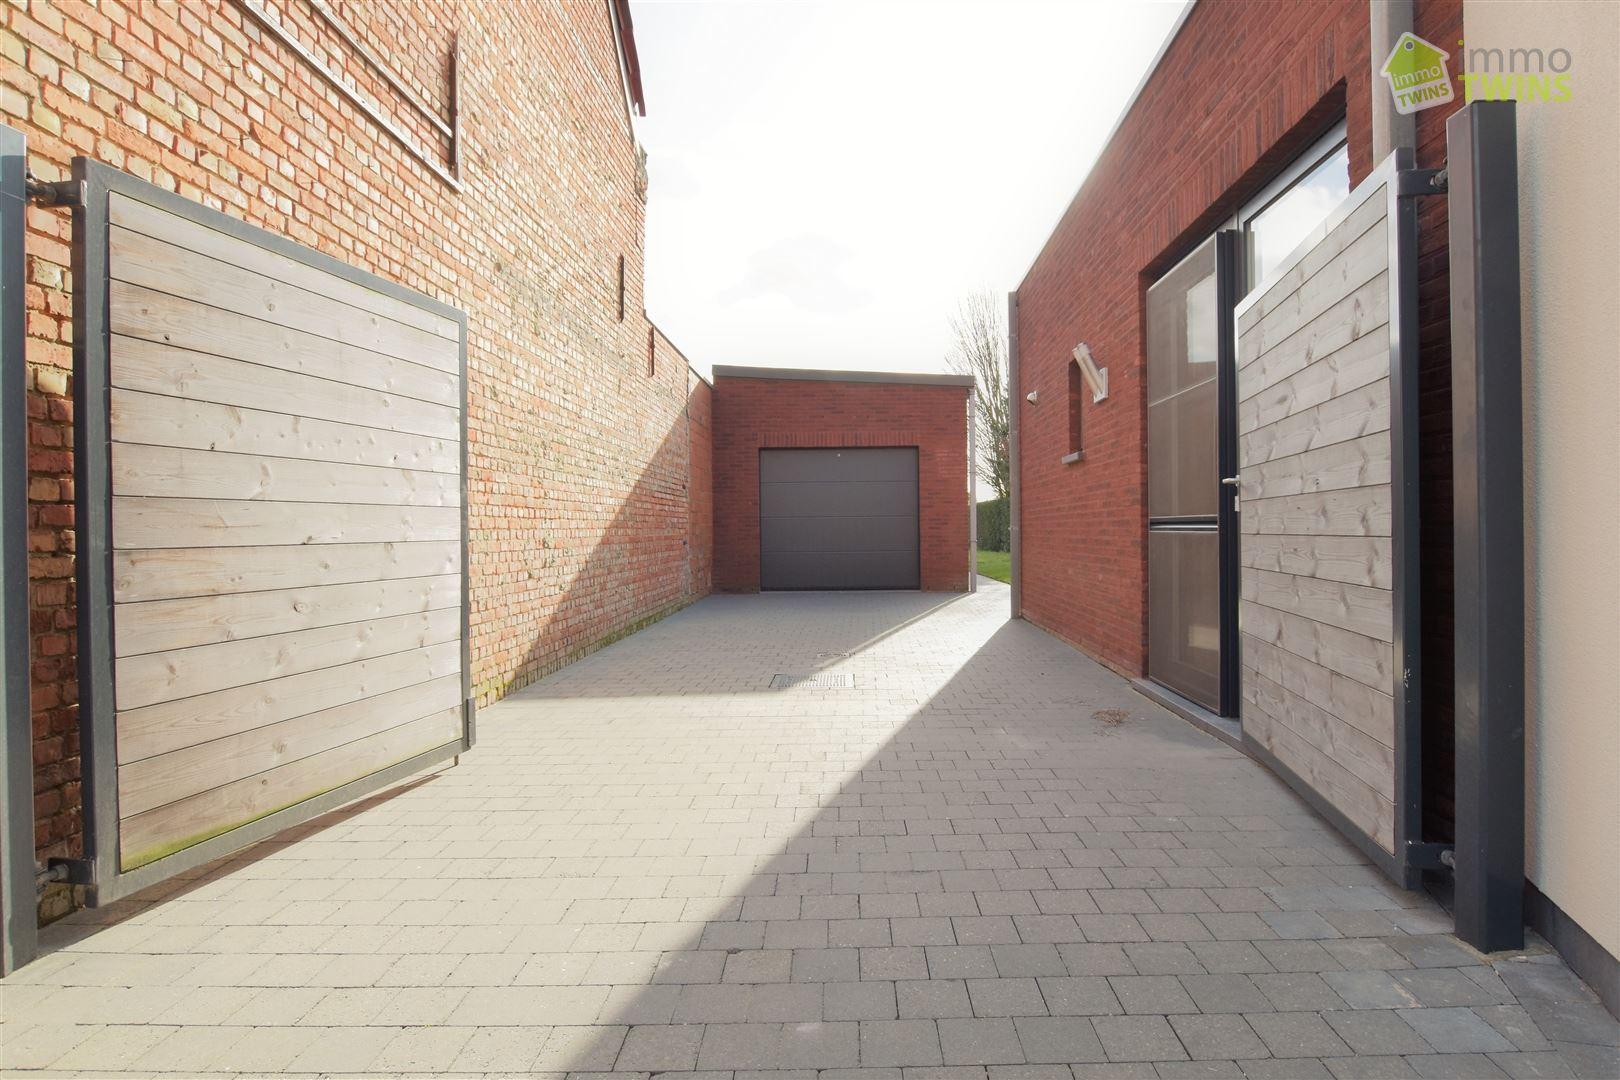 Foto 30 : Woning te 9200 GREMBERGEN (België) - Prijs € 315.000